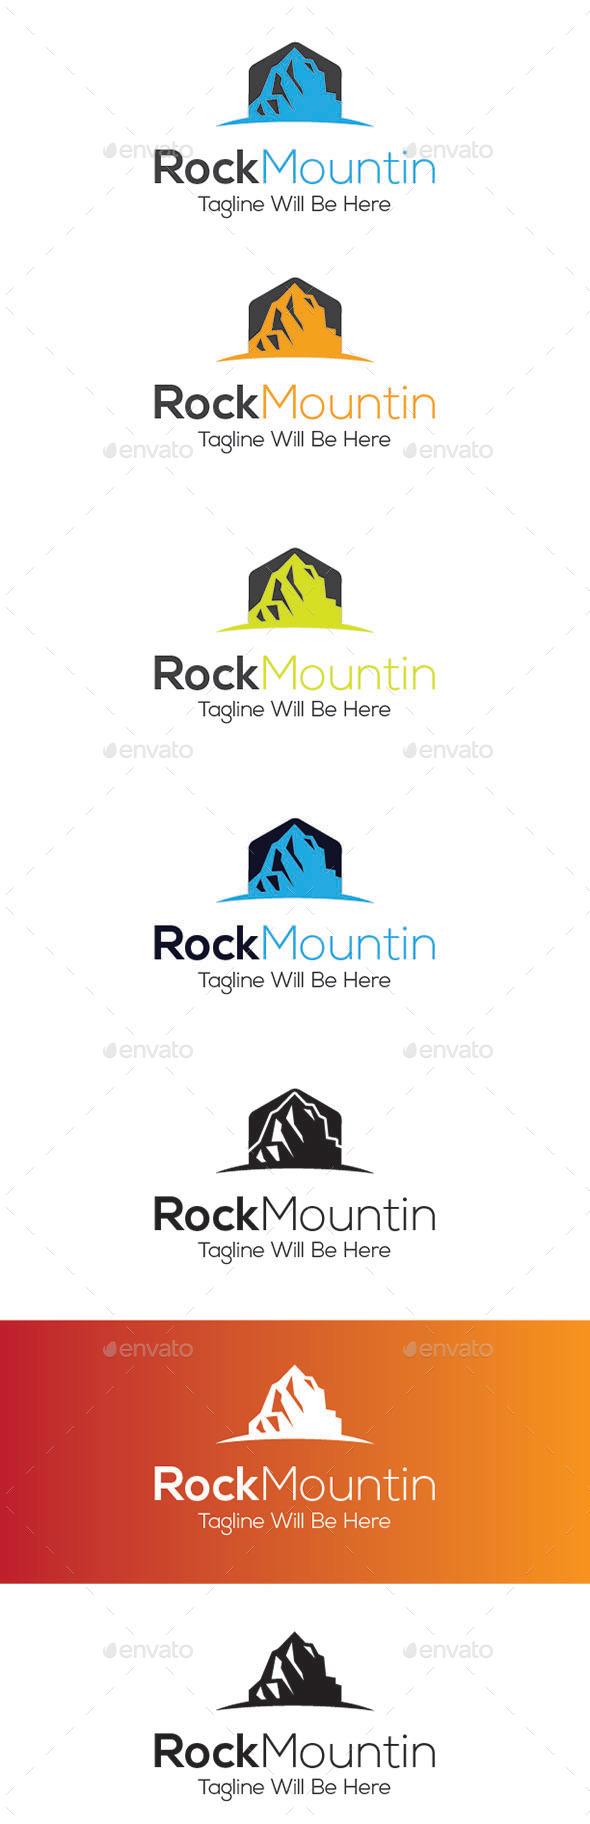 GraphicRiver Rock Mountin Logo Design 9234566